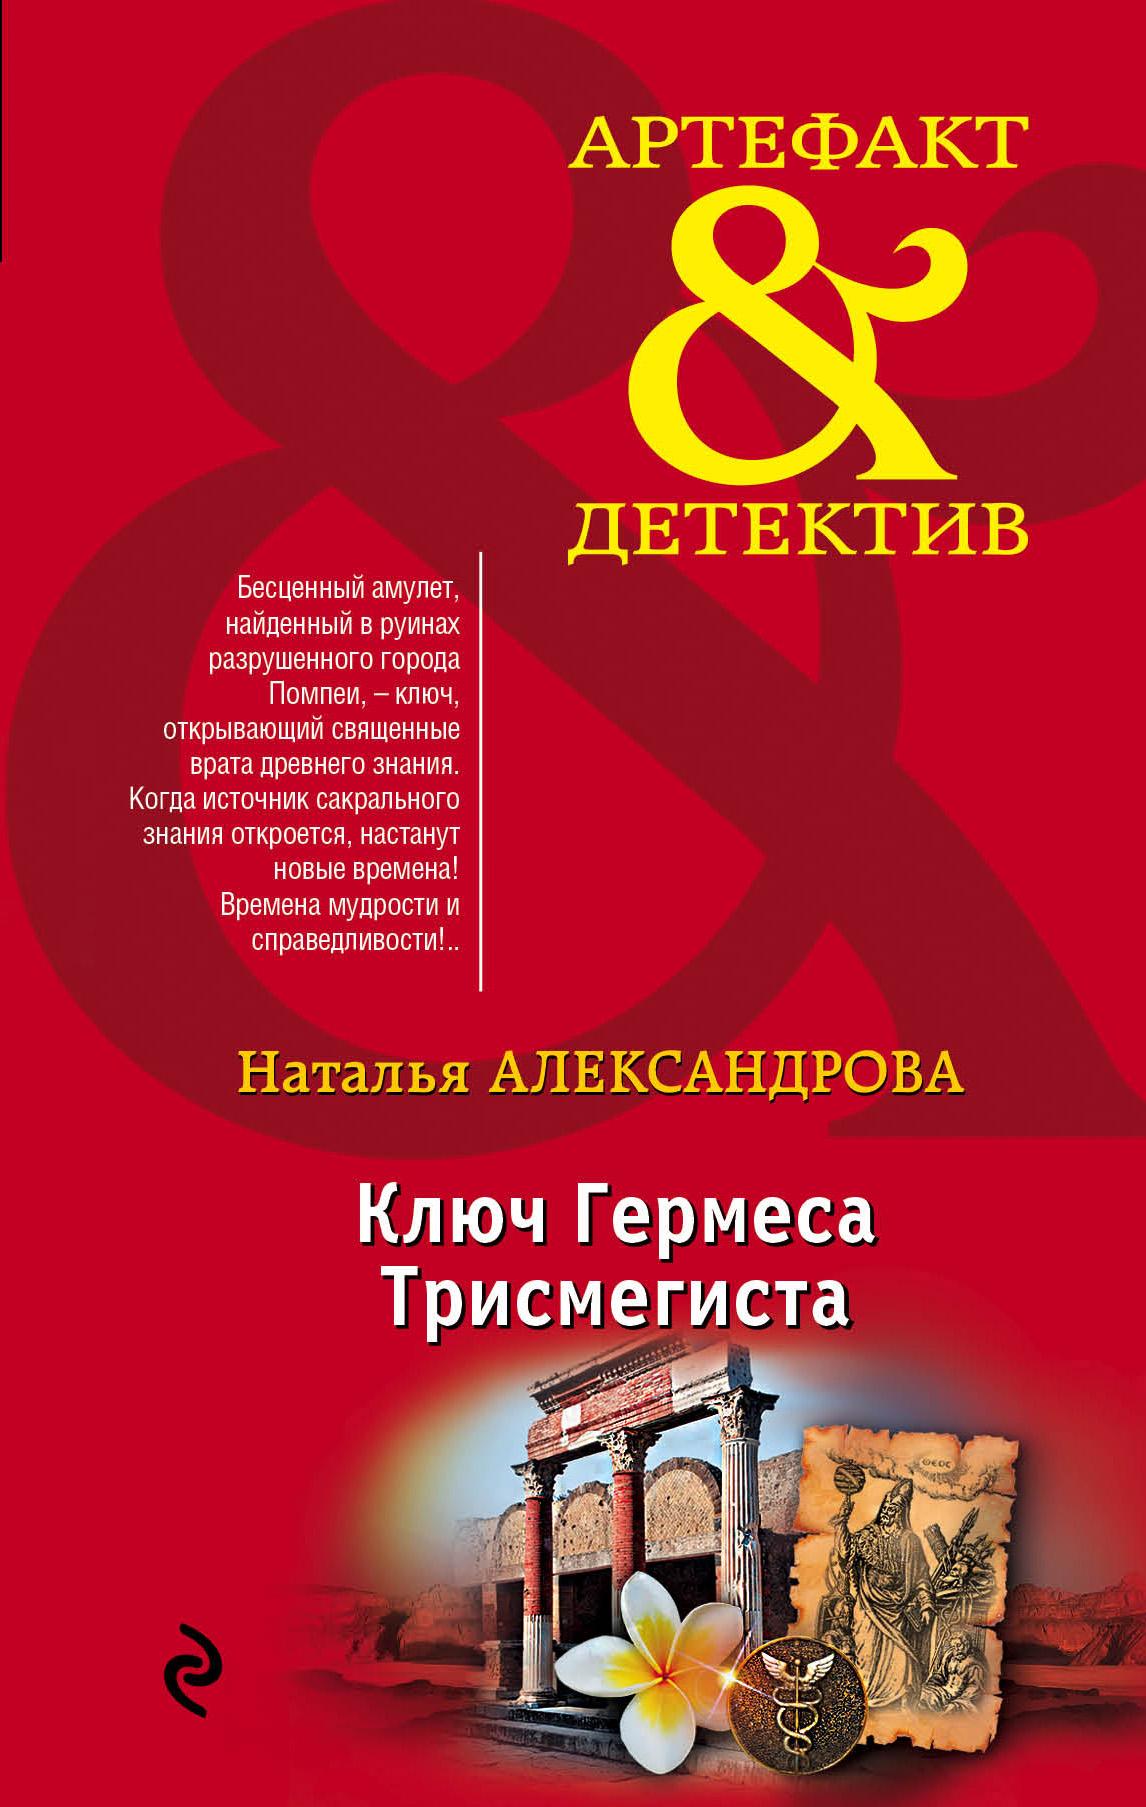 Наталья Александрова Ключ Гермеса Трисмегиста